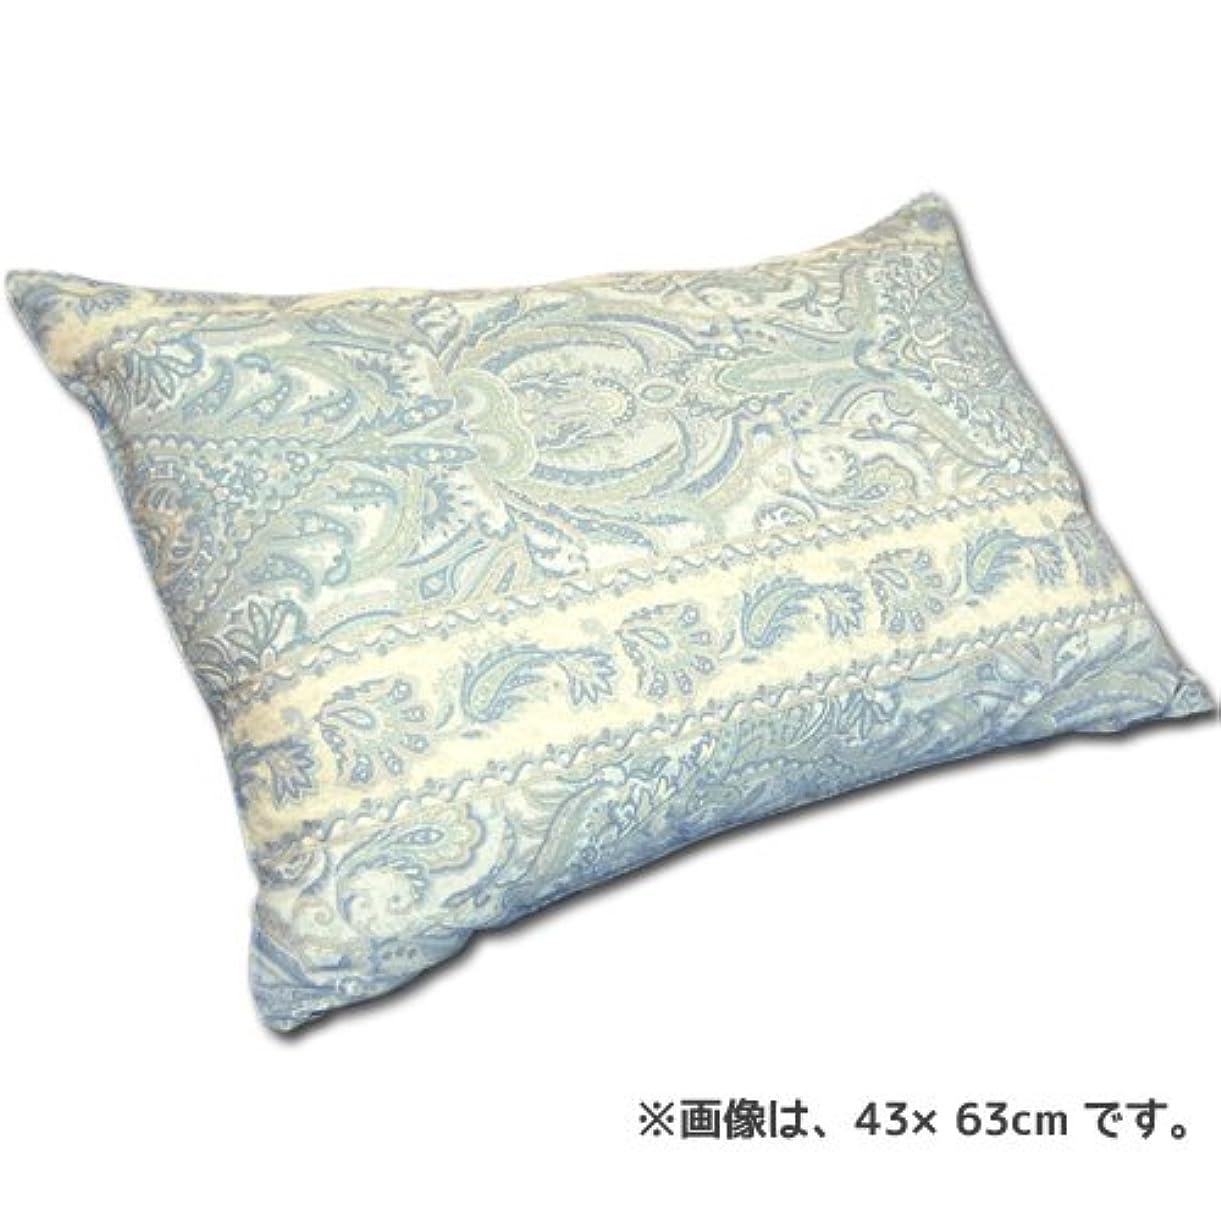 バレーボール差別的剥離日本製 ペイズリー 柄 高密度 防ダニ ピロケース 枕 カバー 『ヴェルサイユ』 50×70cm ブルー